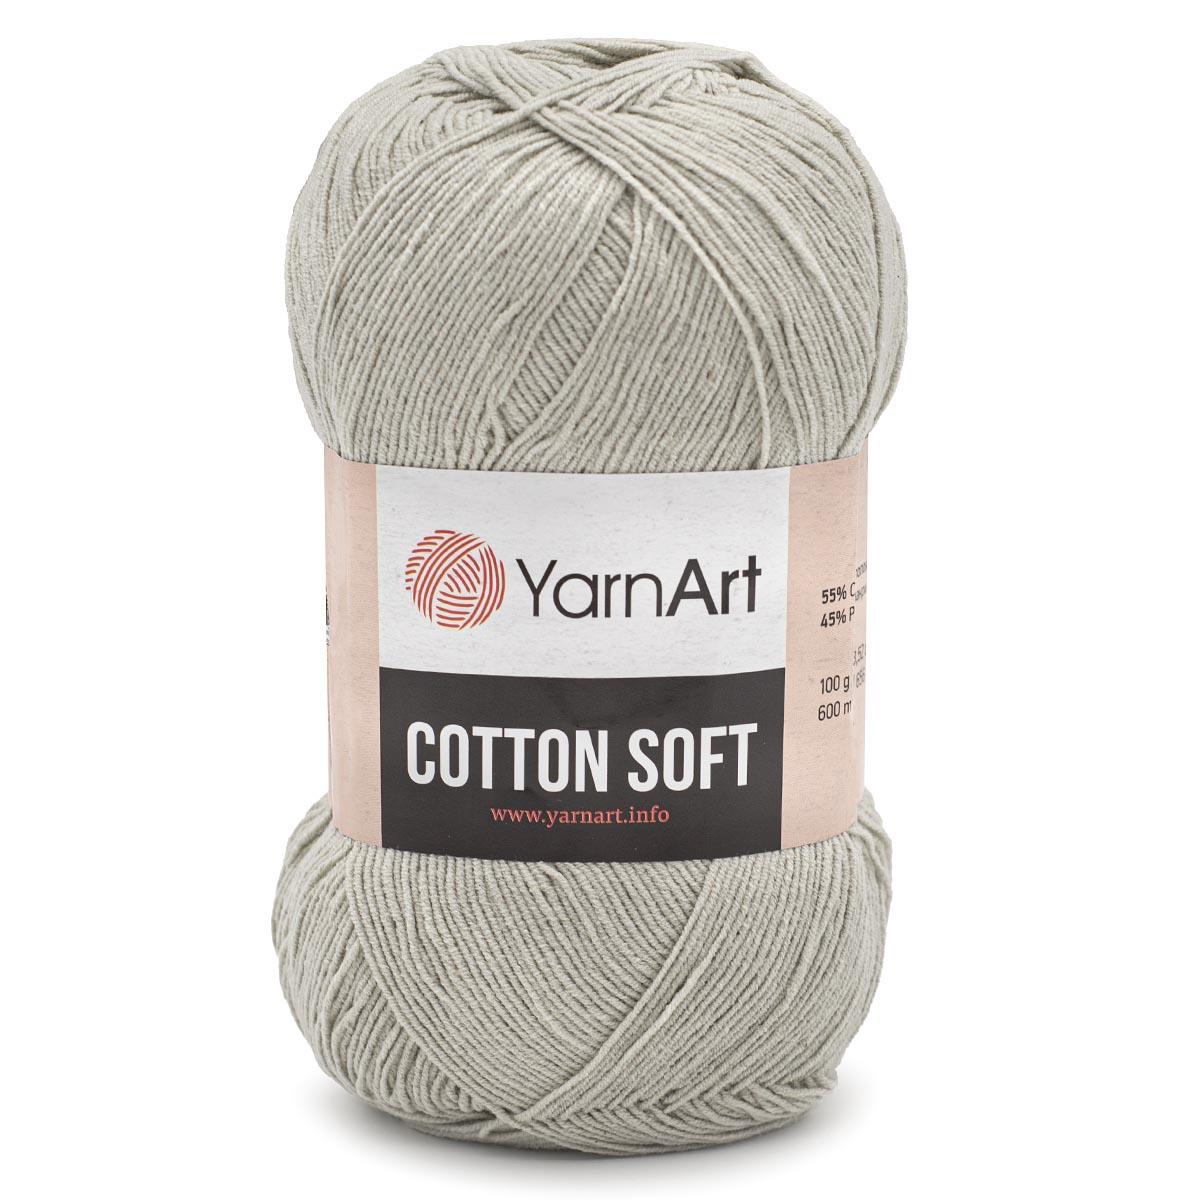 Пряжа YarnArt 'Cotton soft' 100гр. 600м. (55%хлопок+45%акрил)ТУ